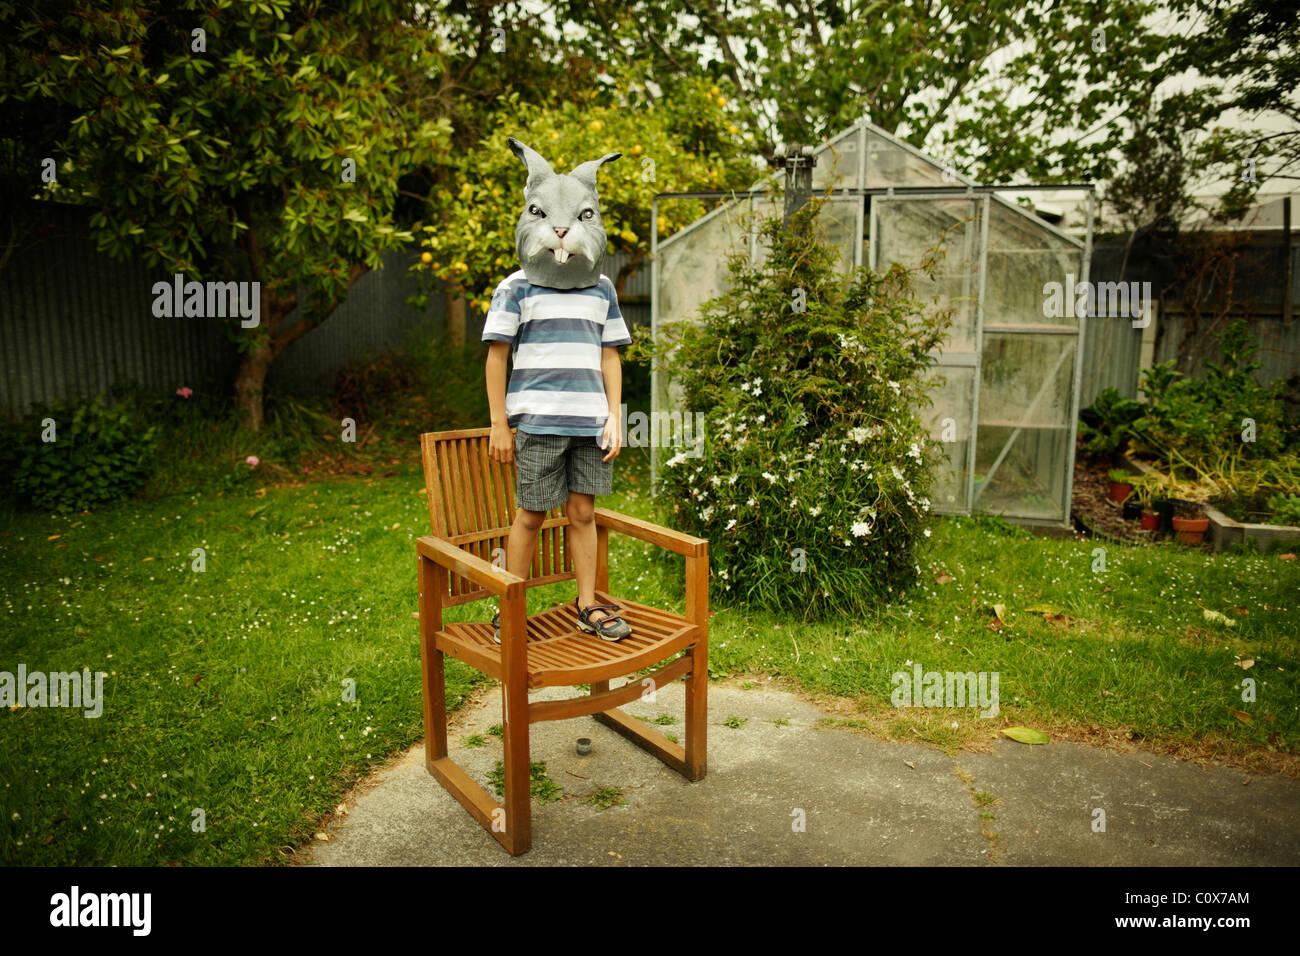 Ragazzo con maschera di coniglio sorge su una sedia in giardino Immagini Stock